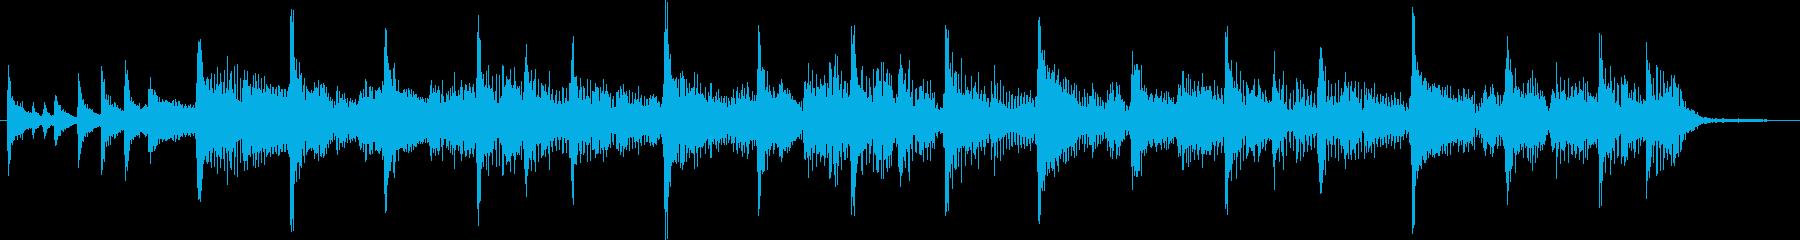 ファンキーで軽快なジングルの再生済みの波形